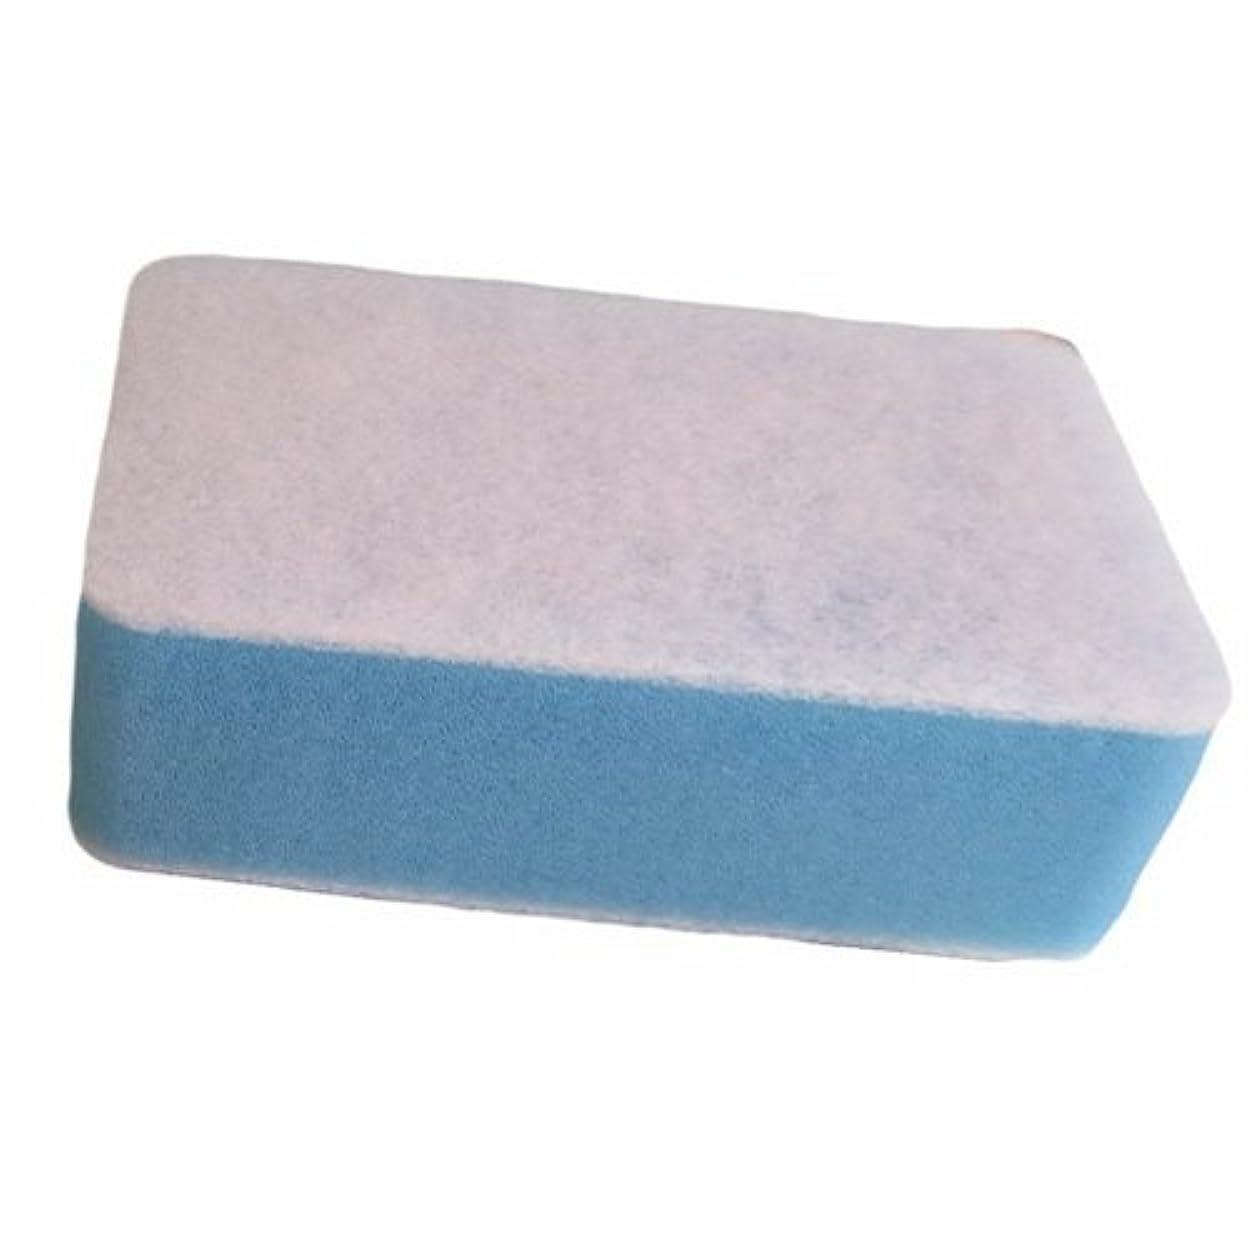 項目シビック単調なバススポンジ フロピカ ブルー